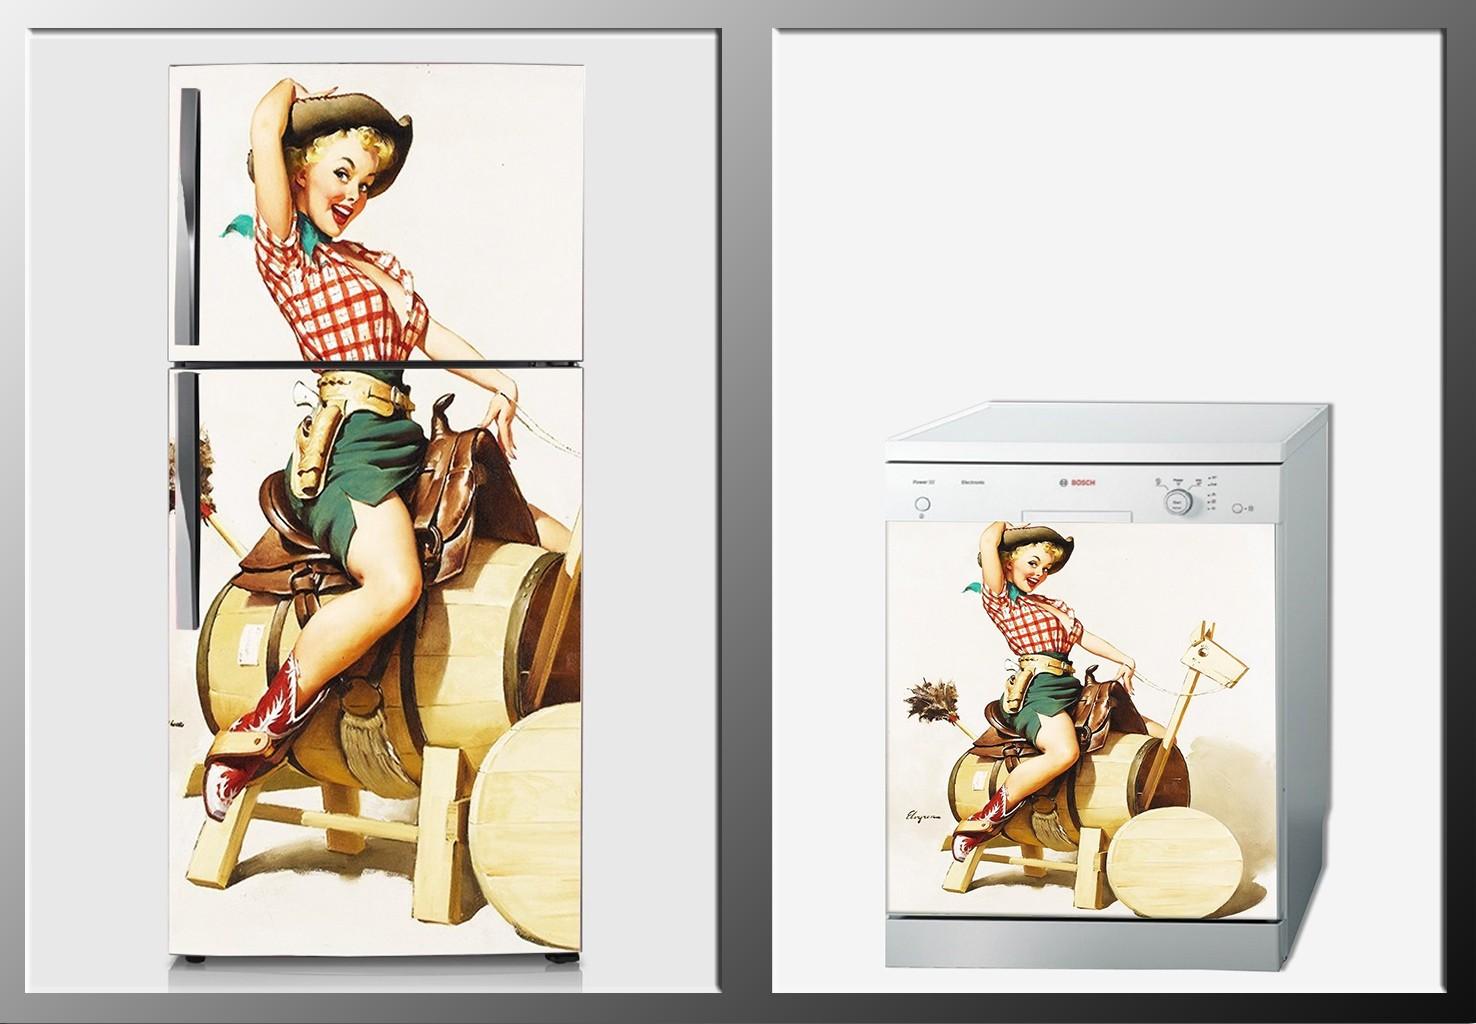 ArtWall Beyaz Eşya Sanat Sticker